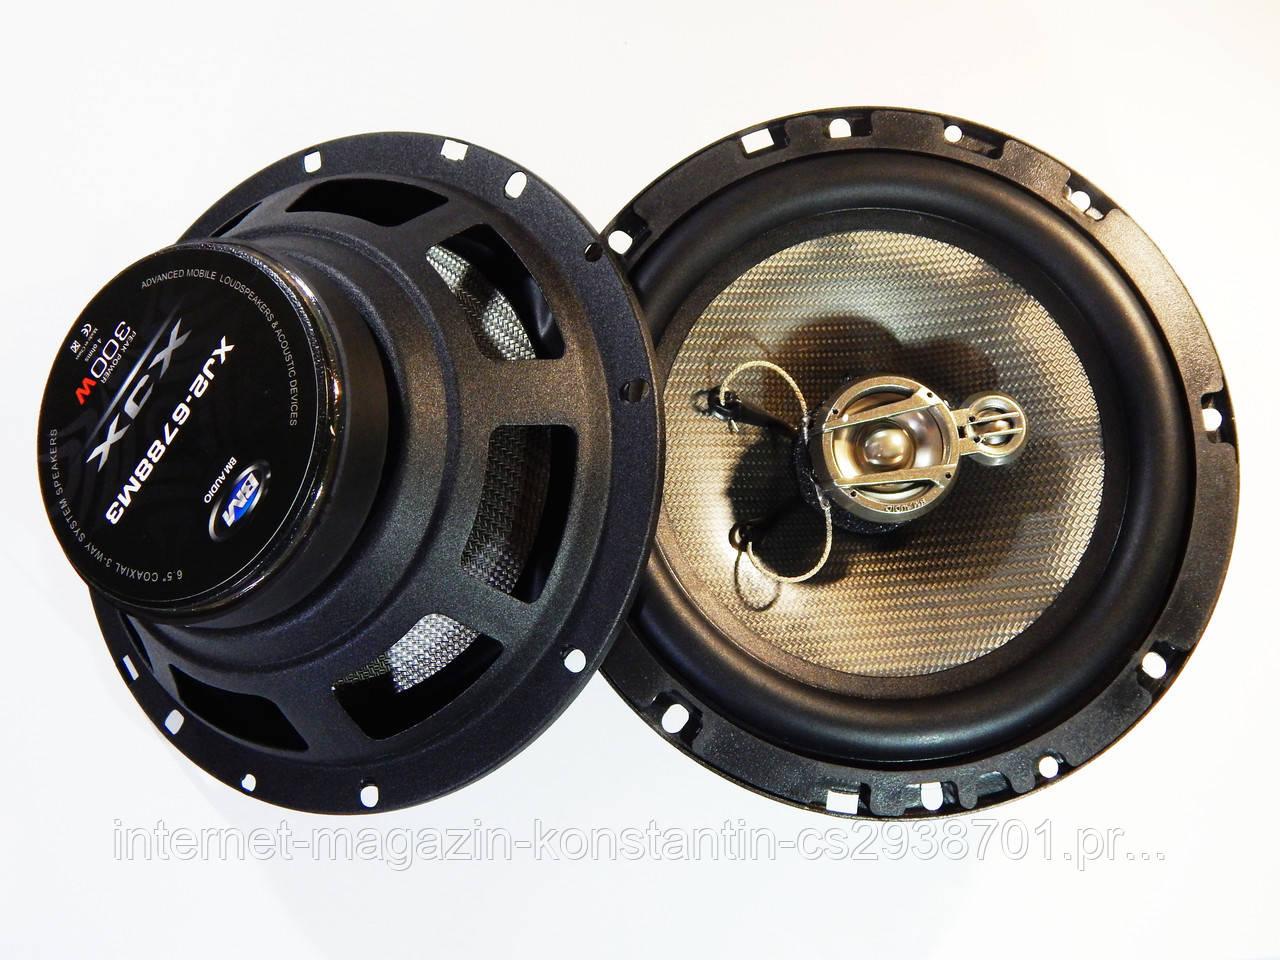 Автомобильная Акустика BM Boschmann XJ2 16 см 300Вт! Качество супер!